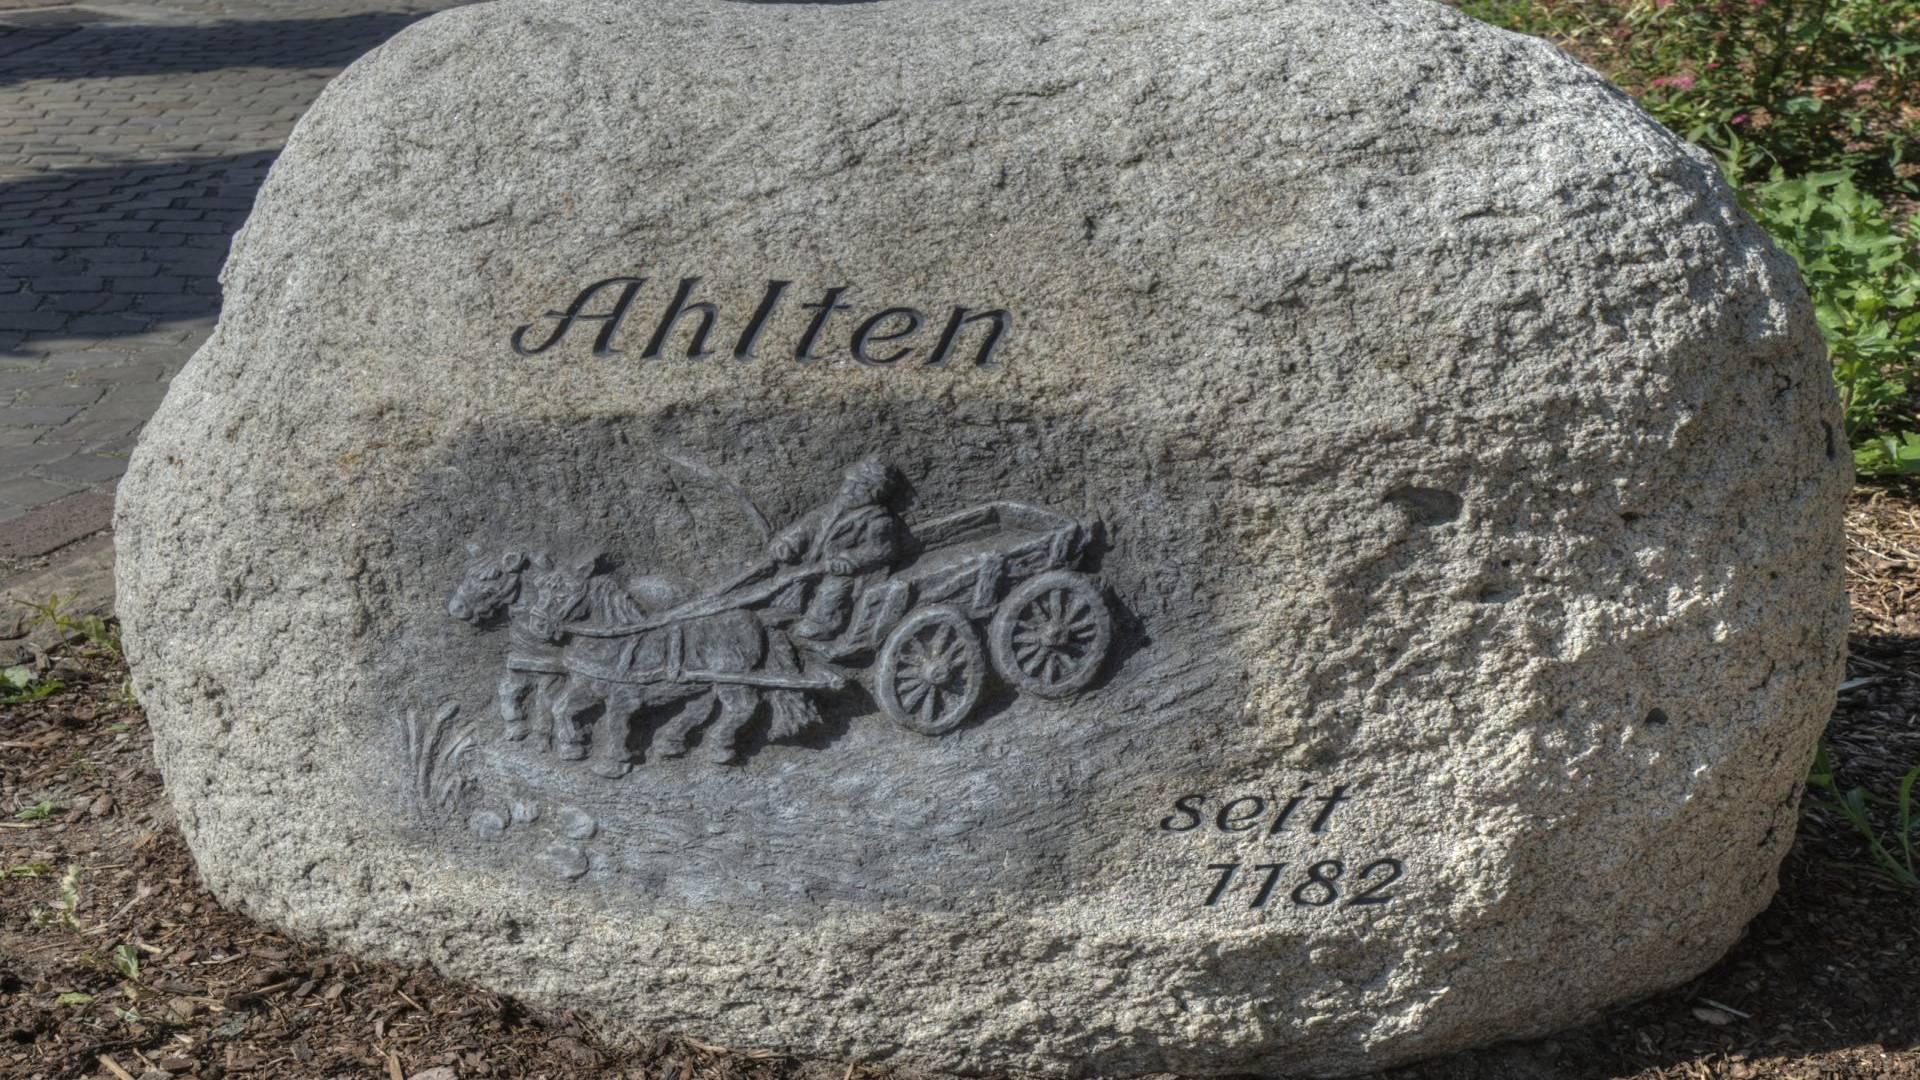 Ahlten © Dr. Heiner Wolfes